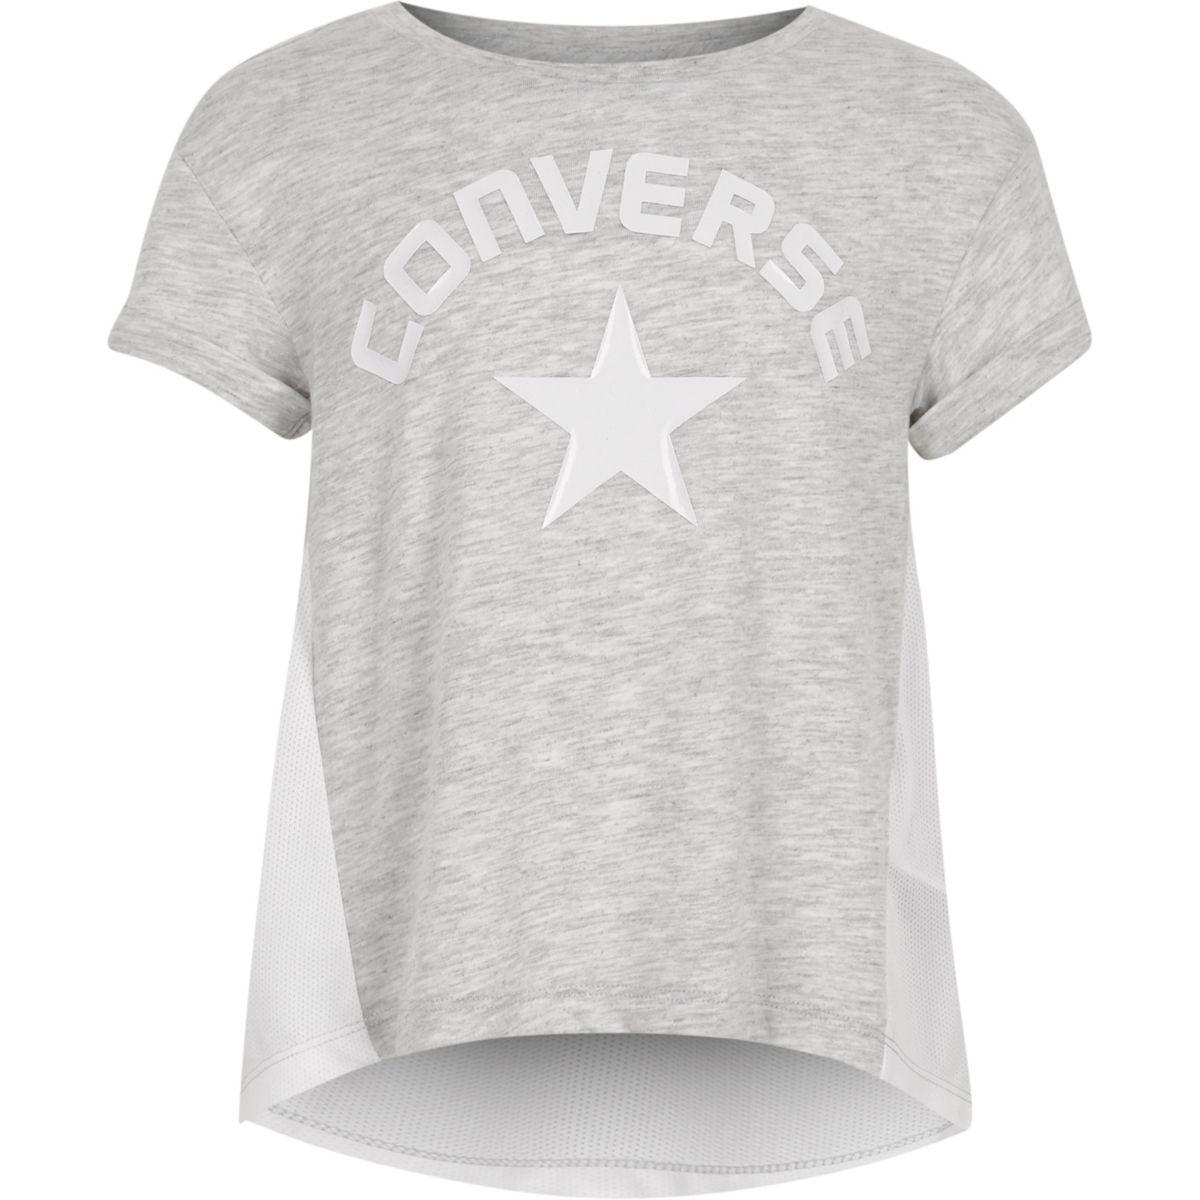 Girls Converse grey lunar rock T-shirt